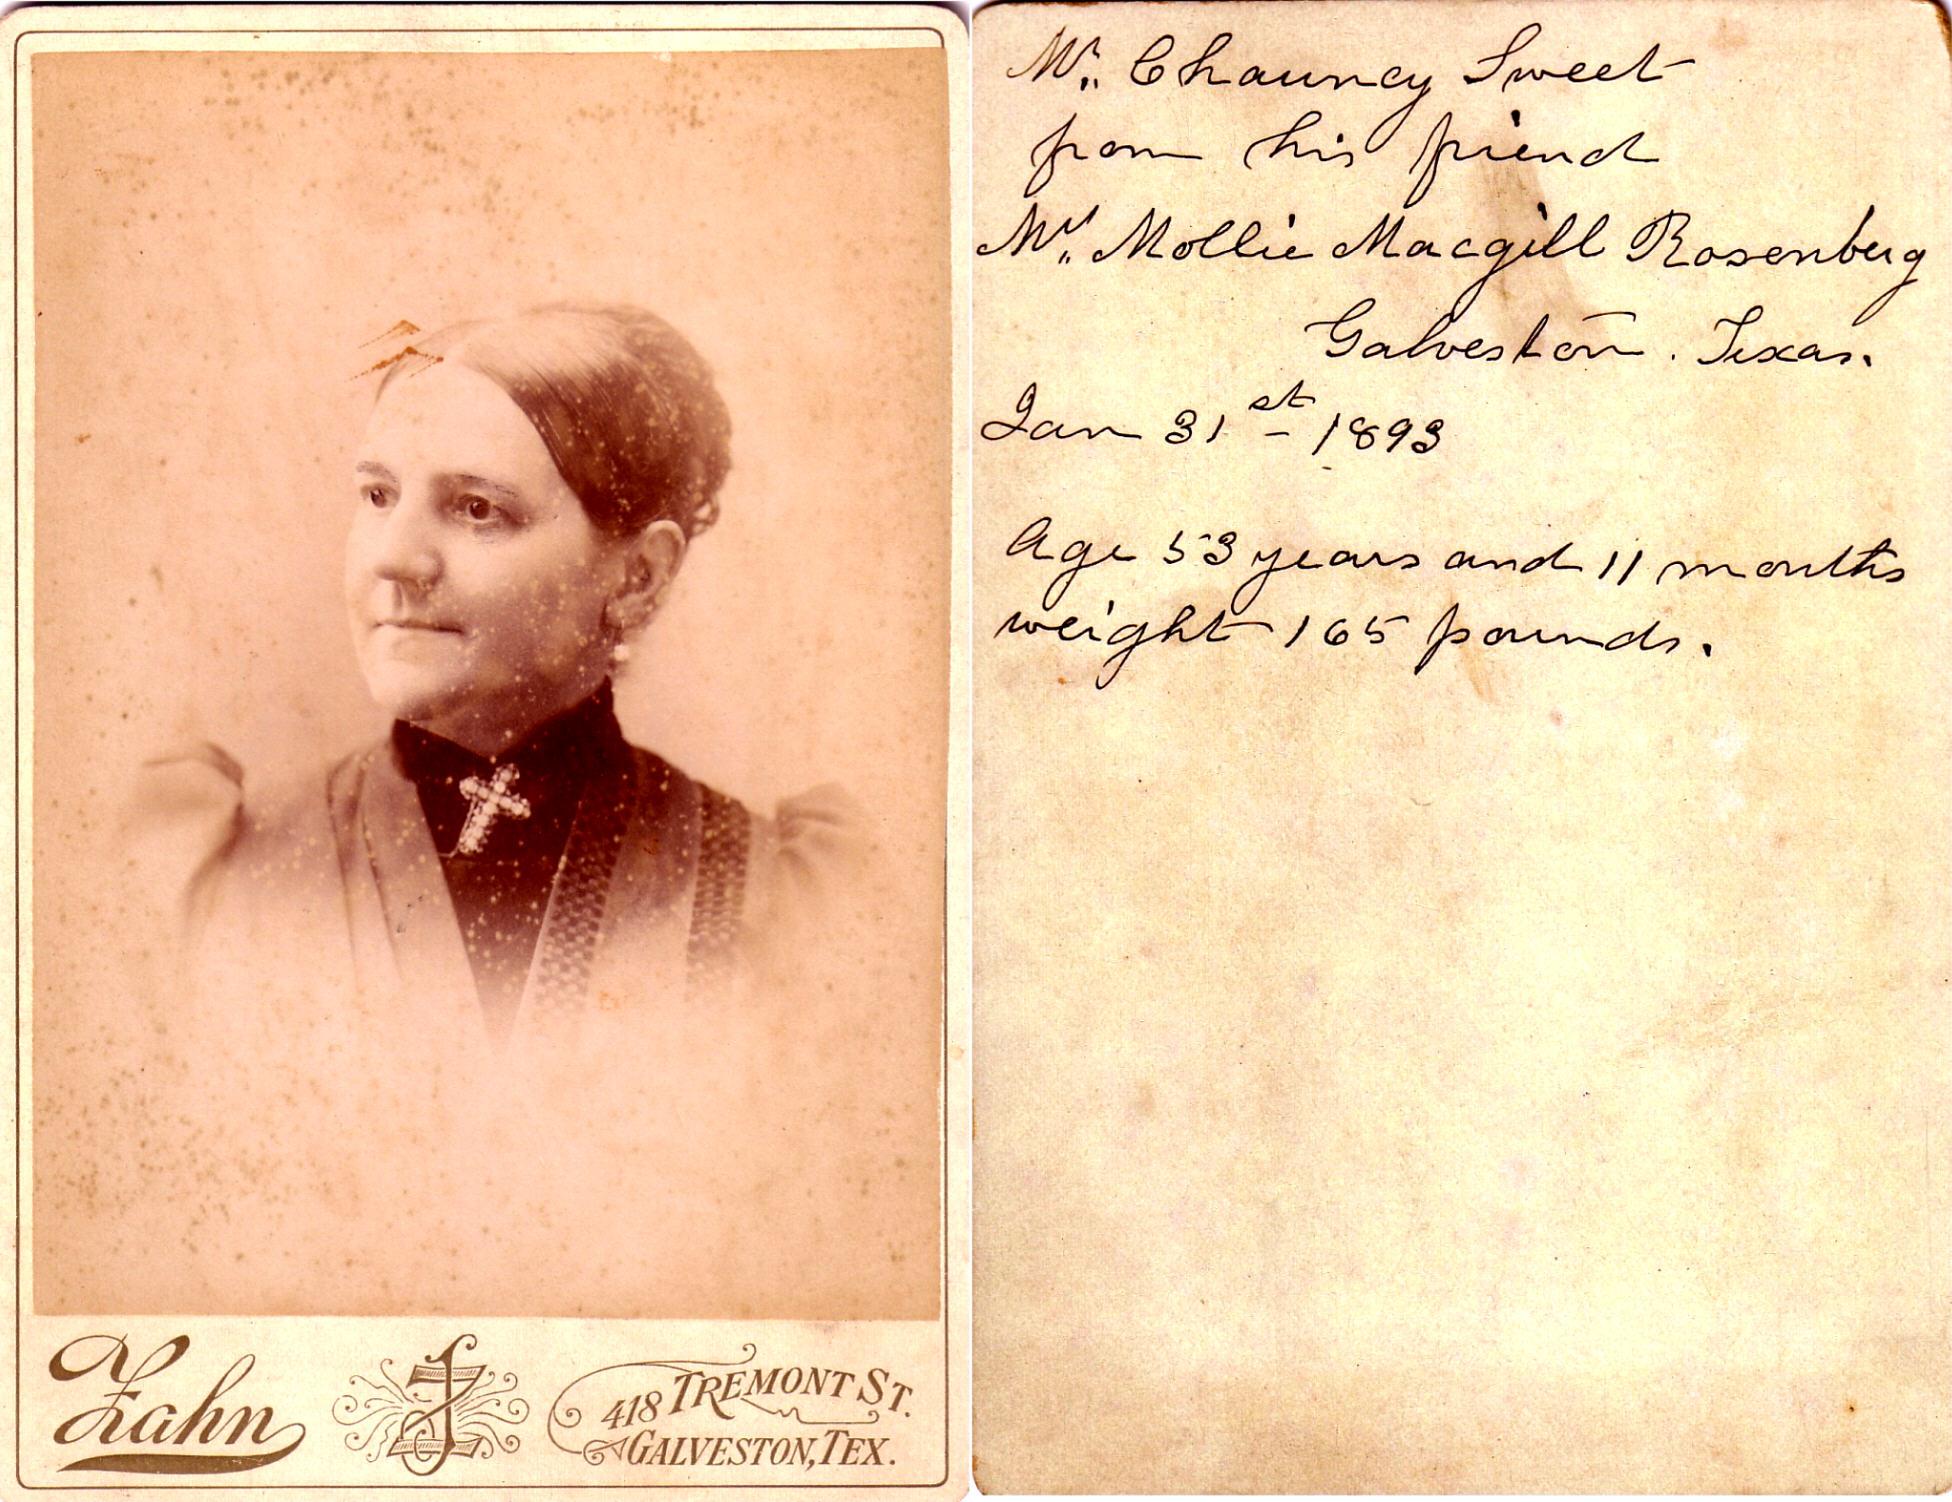 Chauncy Sweet's friend Mollie Macgill Rosenberg